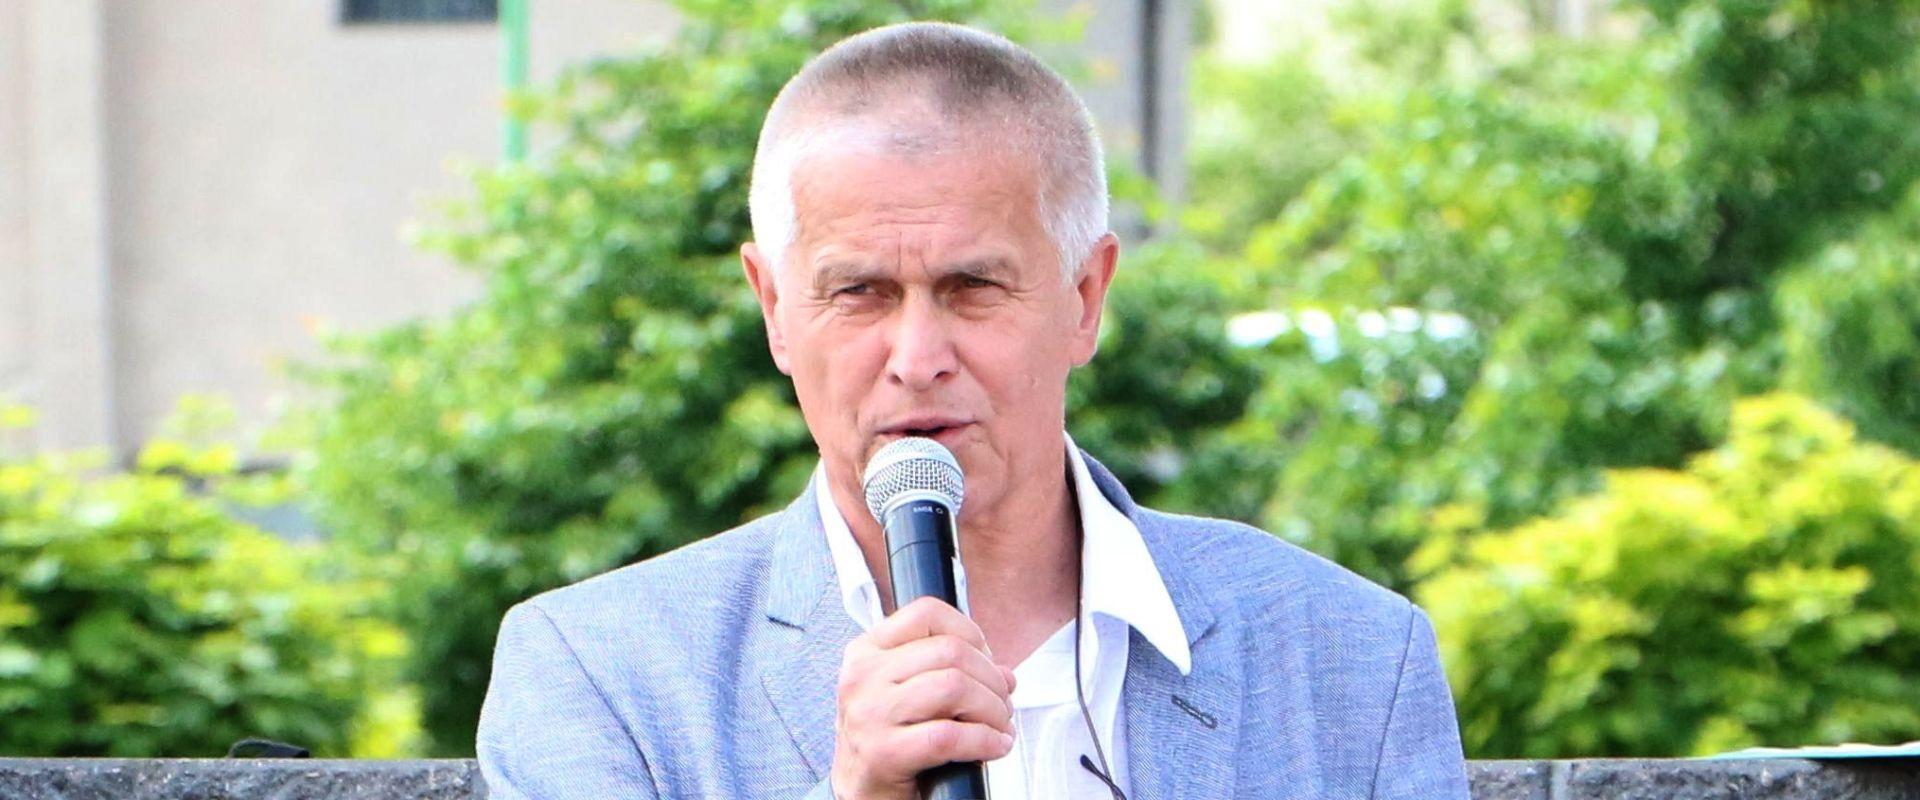 Kierownik WTZ odpowiada na informację burmistrza